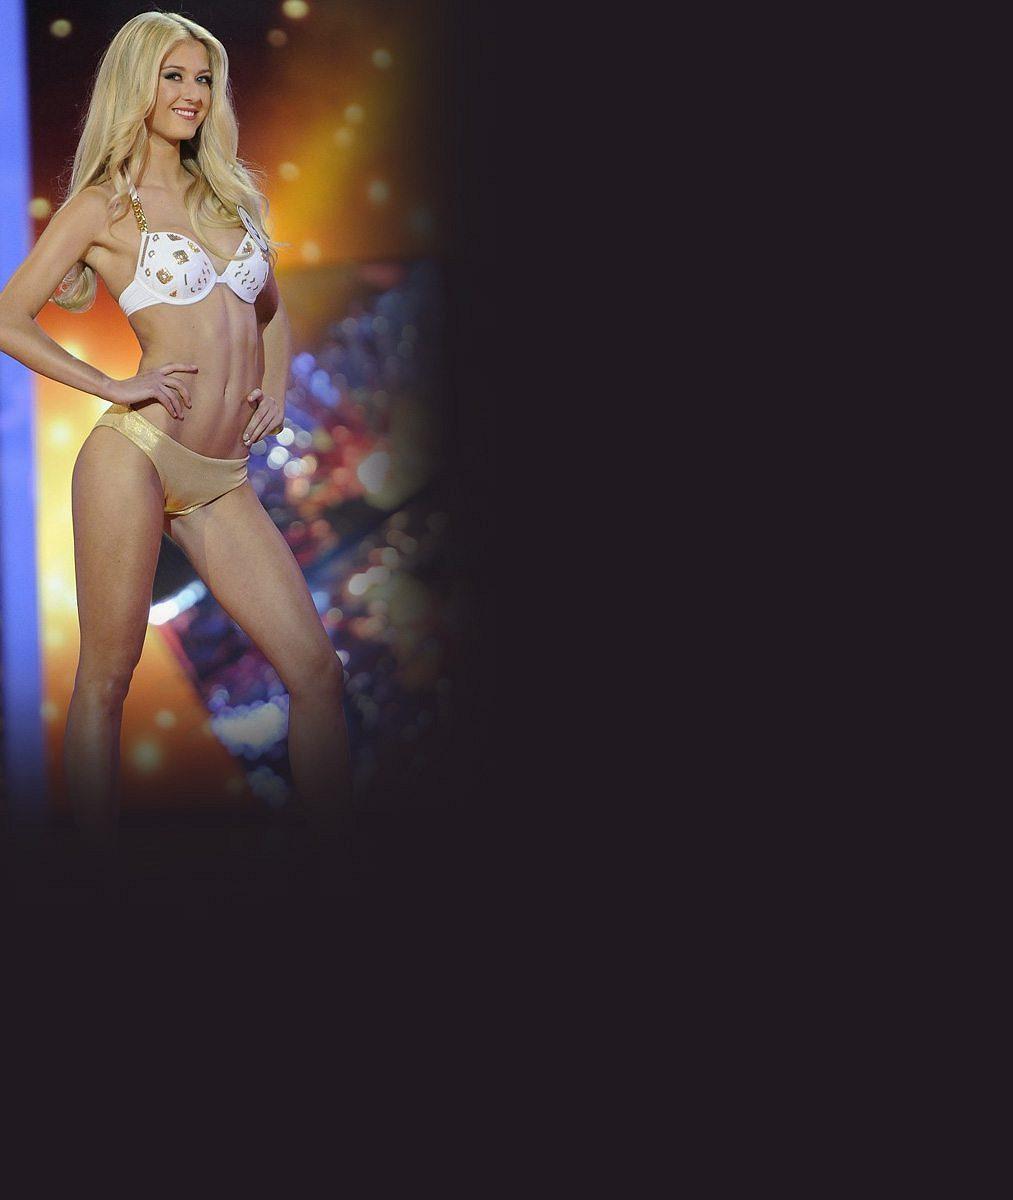 Česká blogerka roku odletěla bojovat na finále Miss World: Sází na tyhle pekelně hluboké výstřihy a pštrosí peří